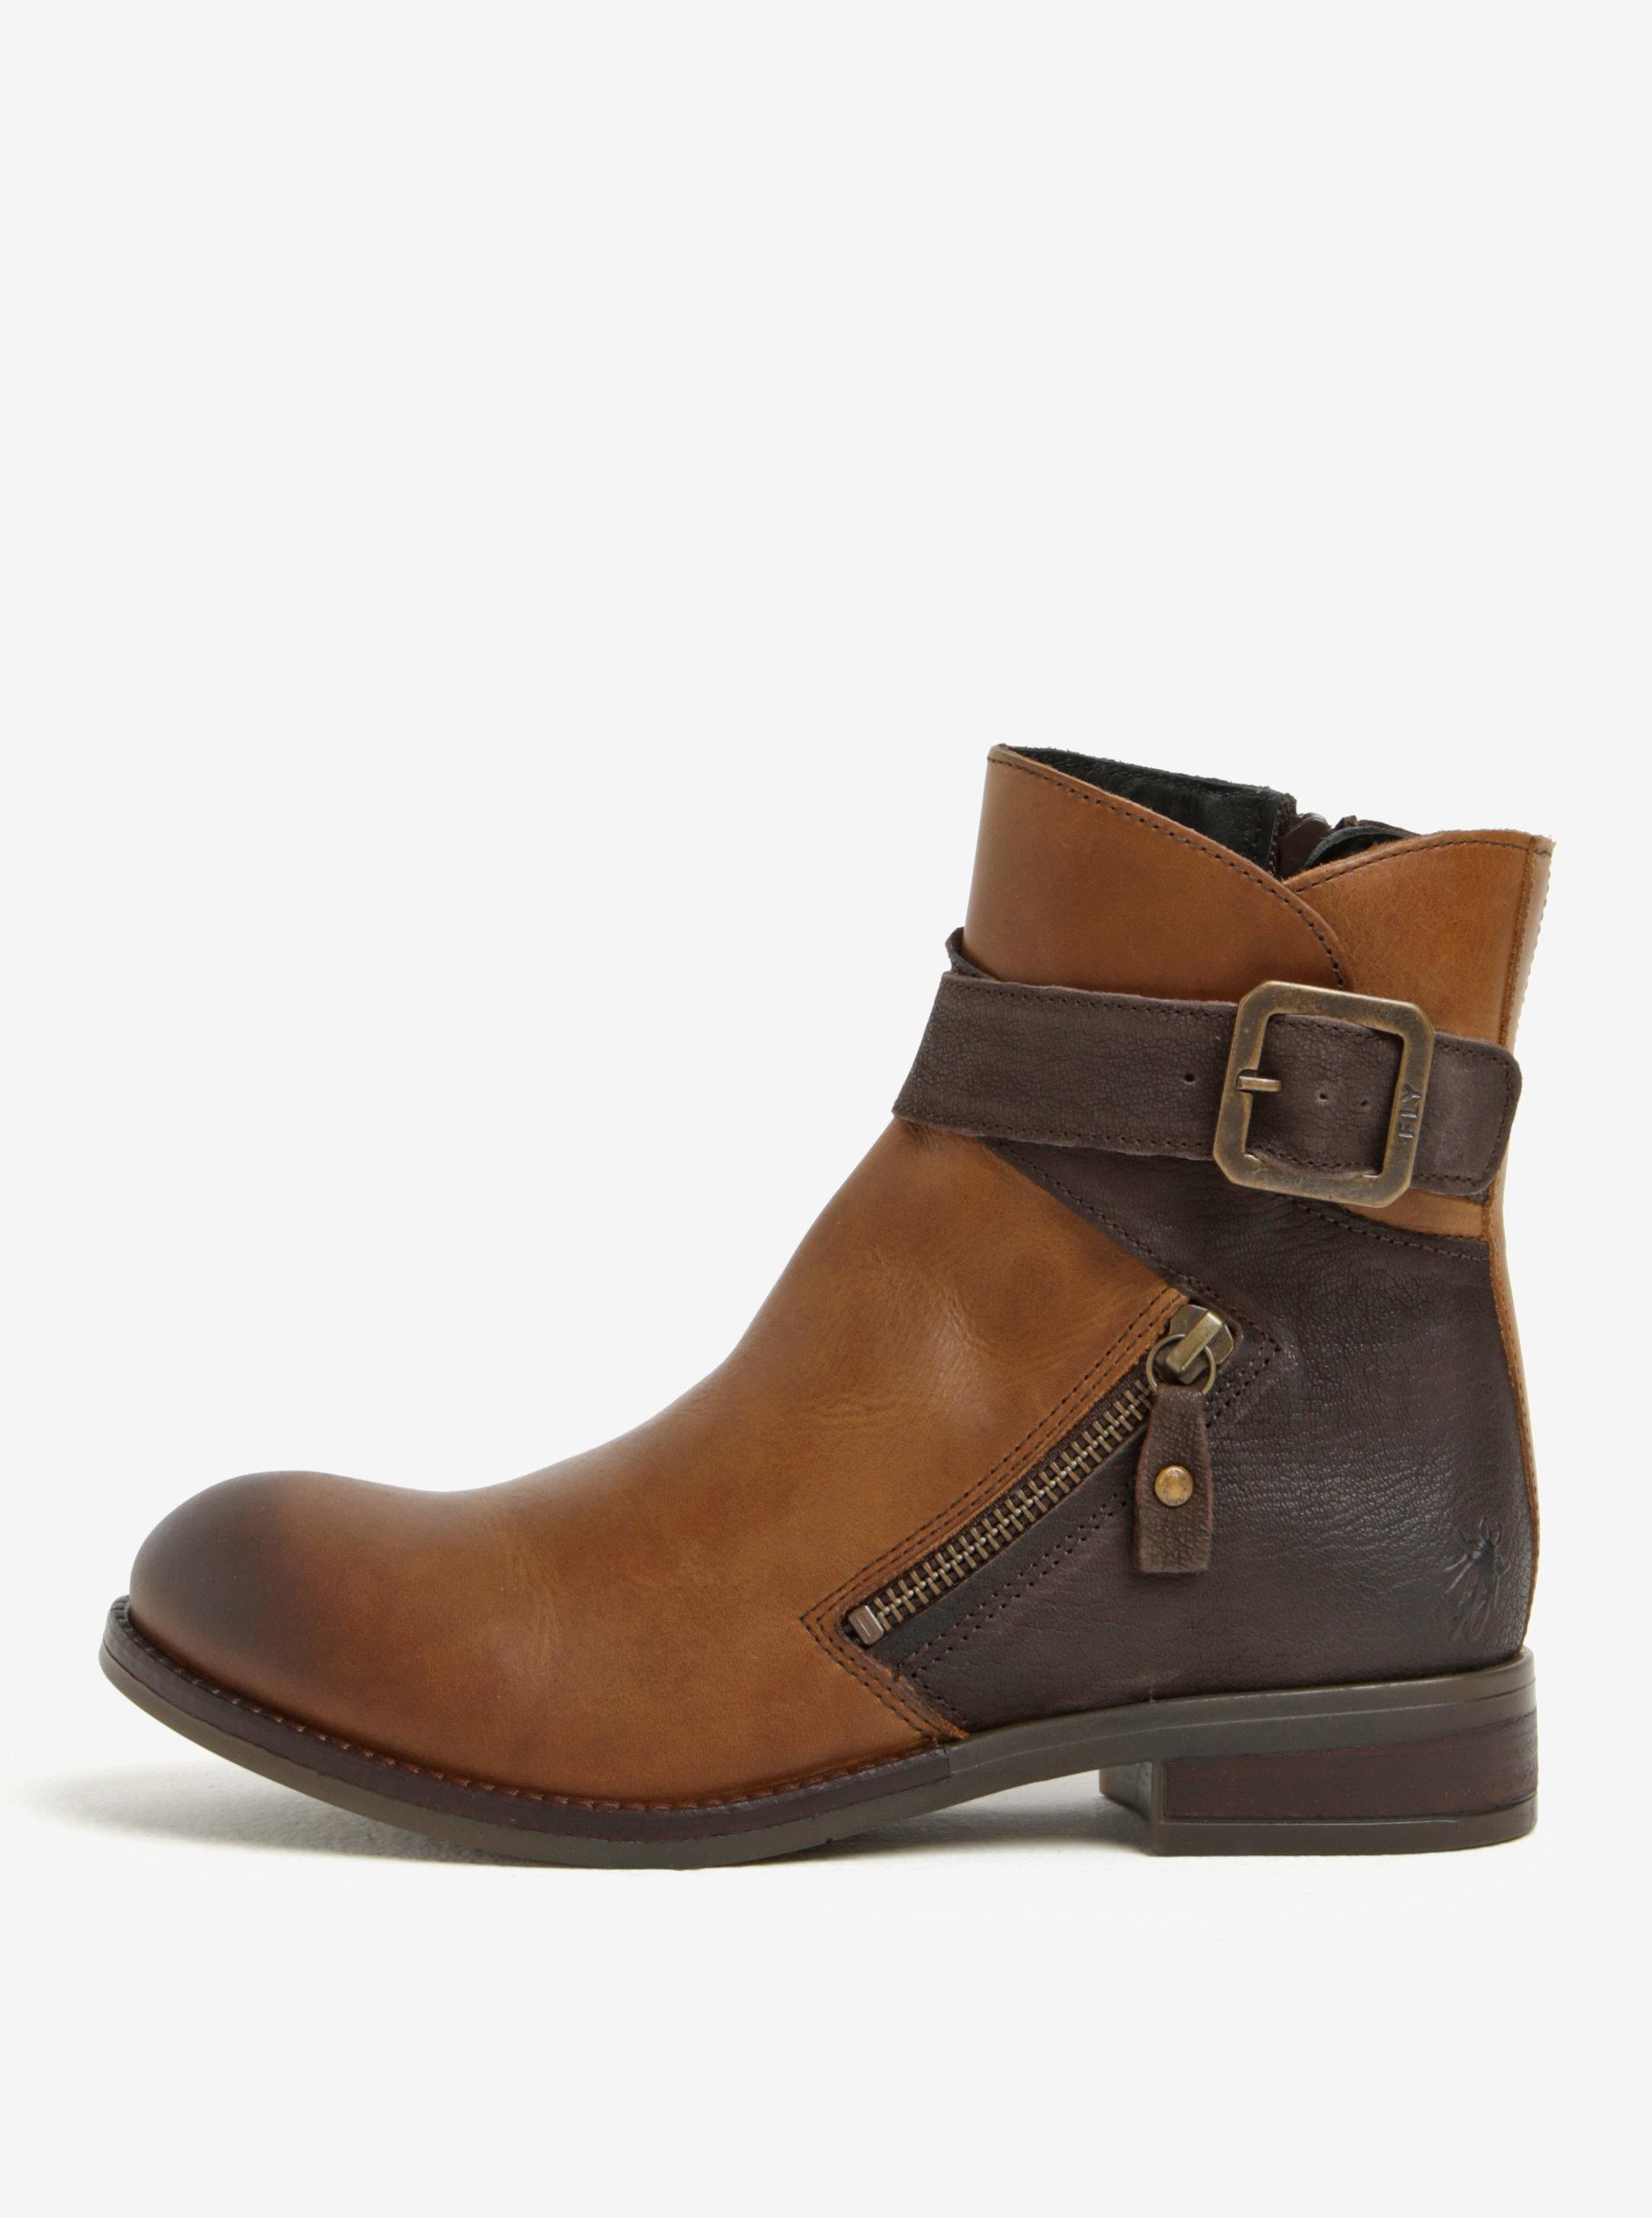 cd8bbf6afc Hnedé dámske kožené členkové topánky s prackou Fly London ...